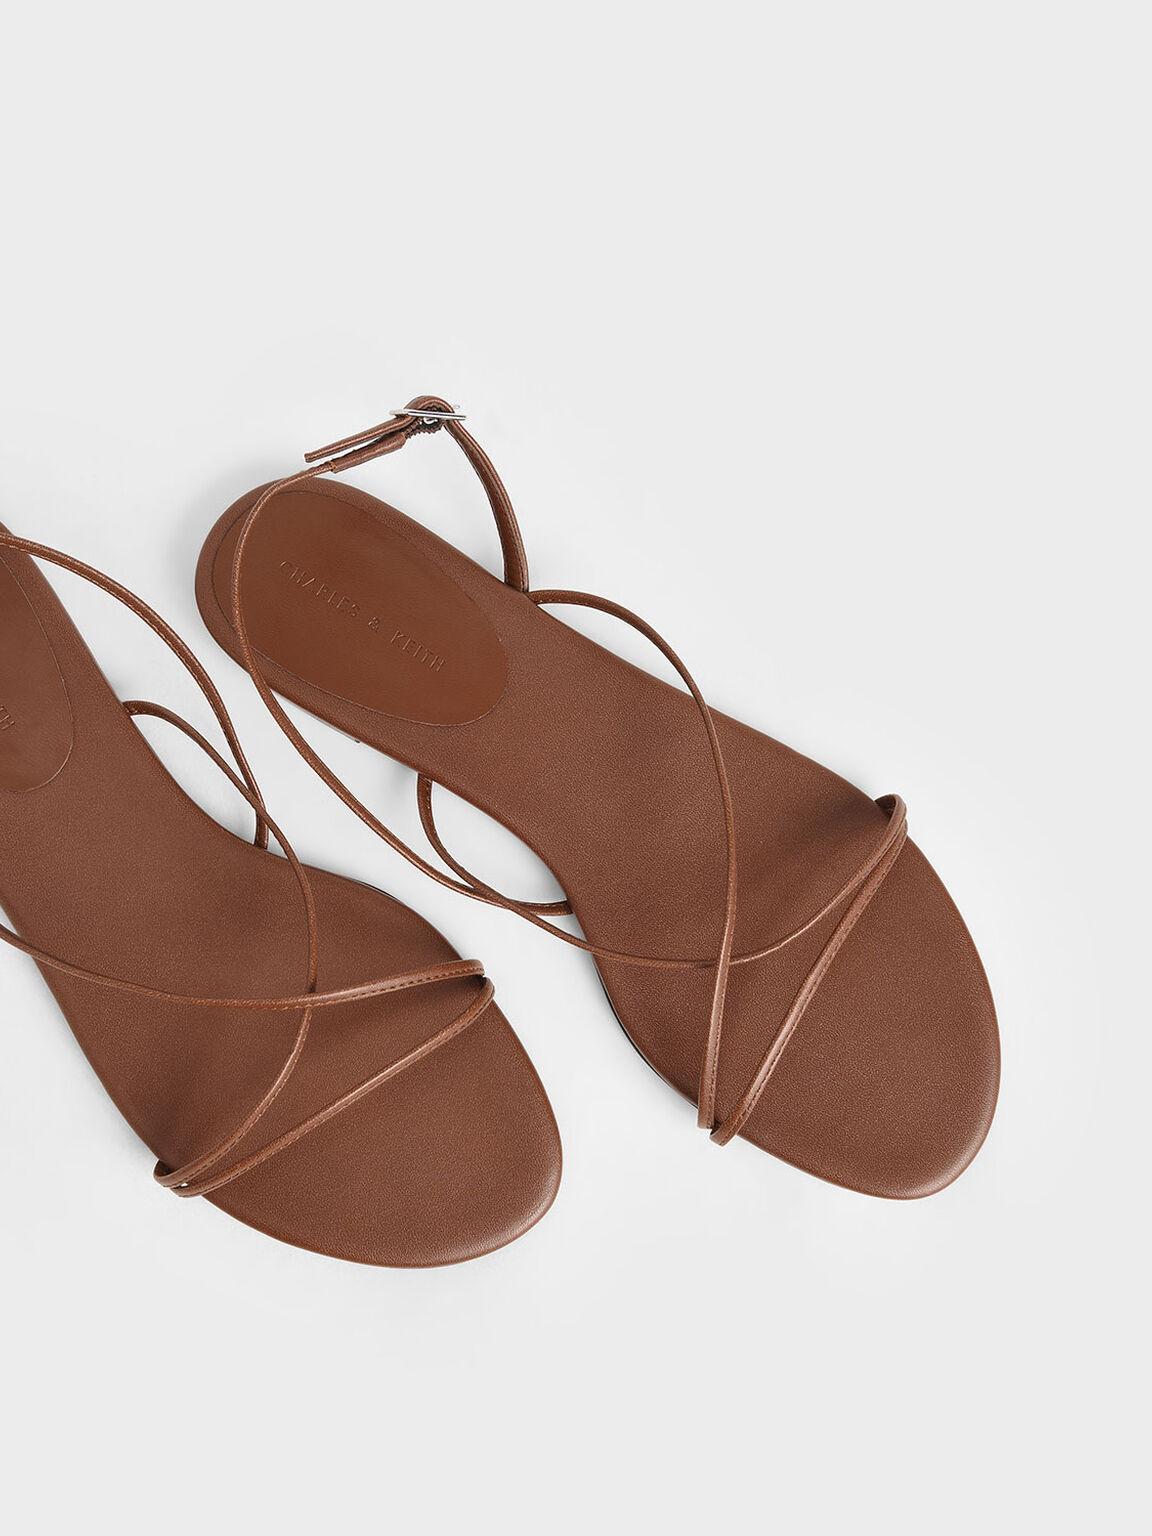 交叉細帶涼鞋, 咖啡色, hi-res